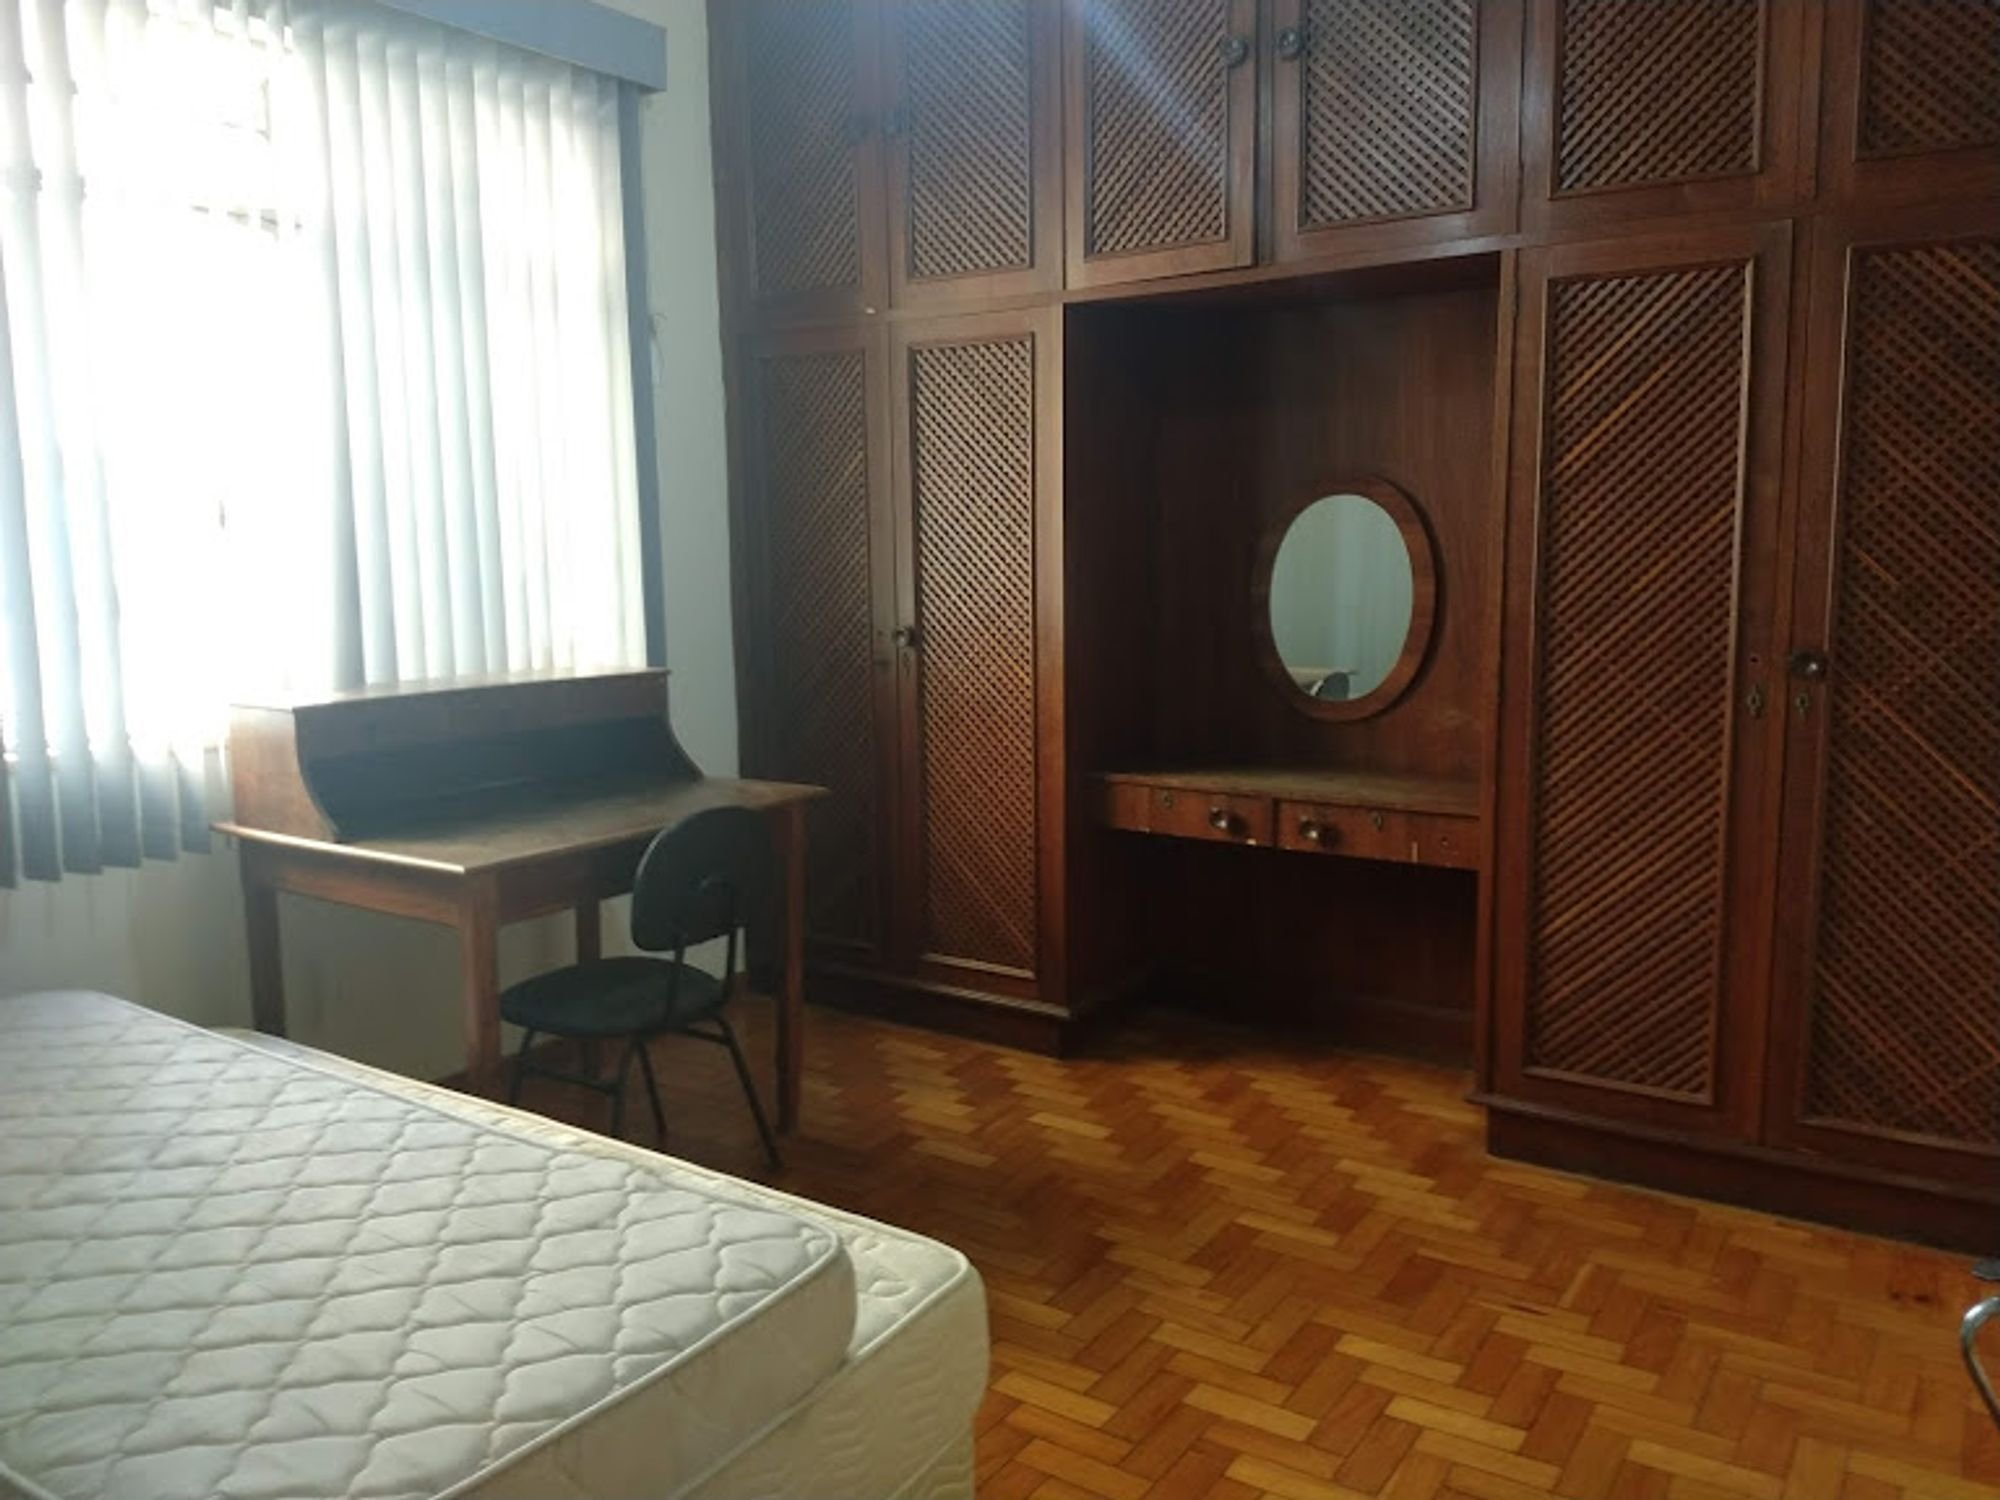 Foto de Sala com cama, banco, cadeira